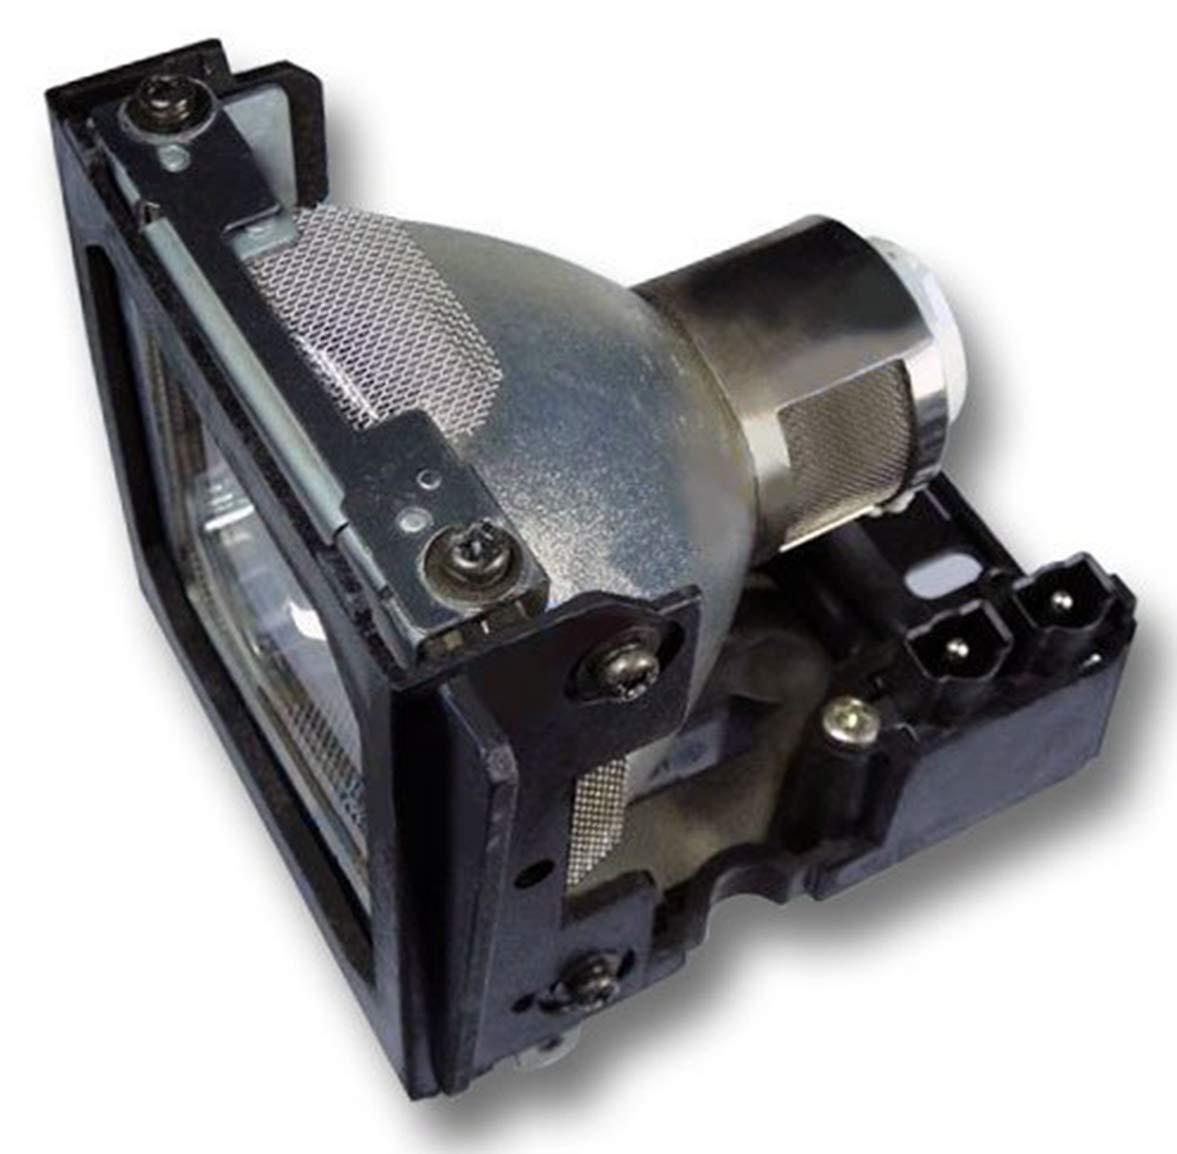 GOLDENRIVER ANC55LP 交換用ランプ シャープ XG-C55 XG-C55X XG-C58 XG-C58Xプロジェクター用 汎用ハウジング付き   B07GJJRG8C